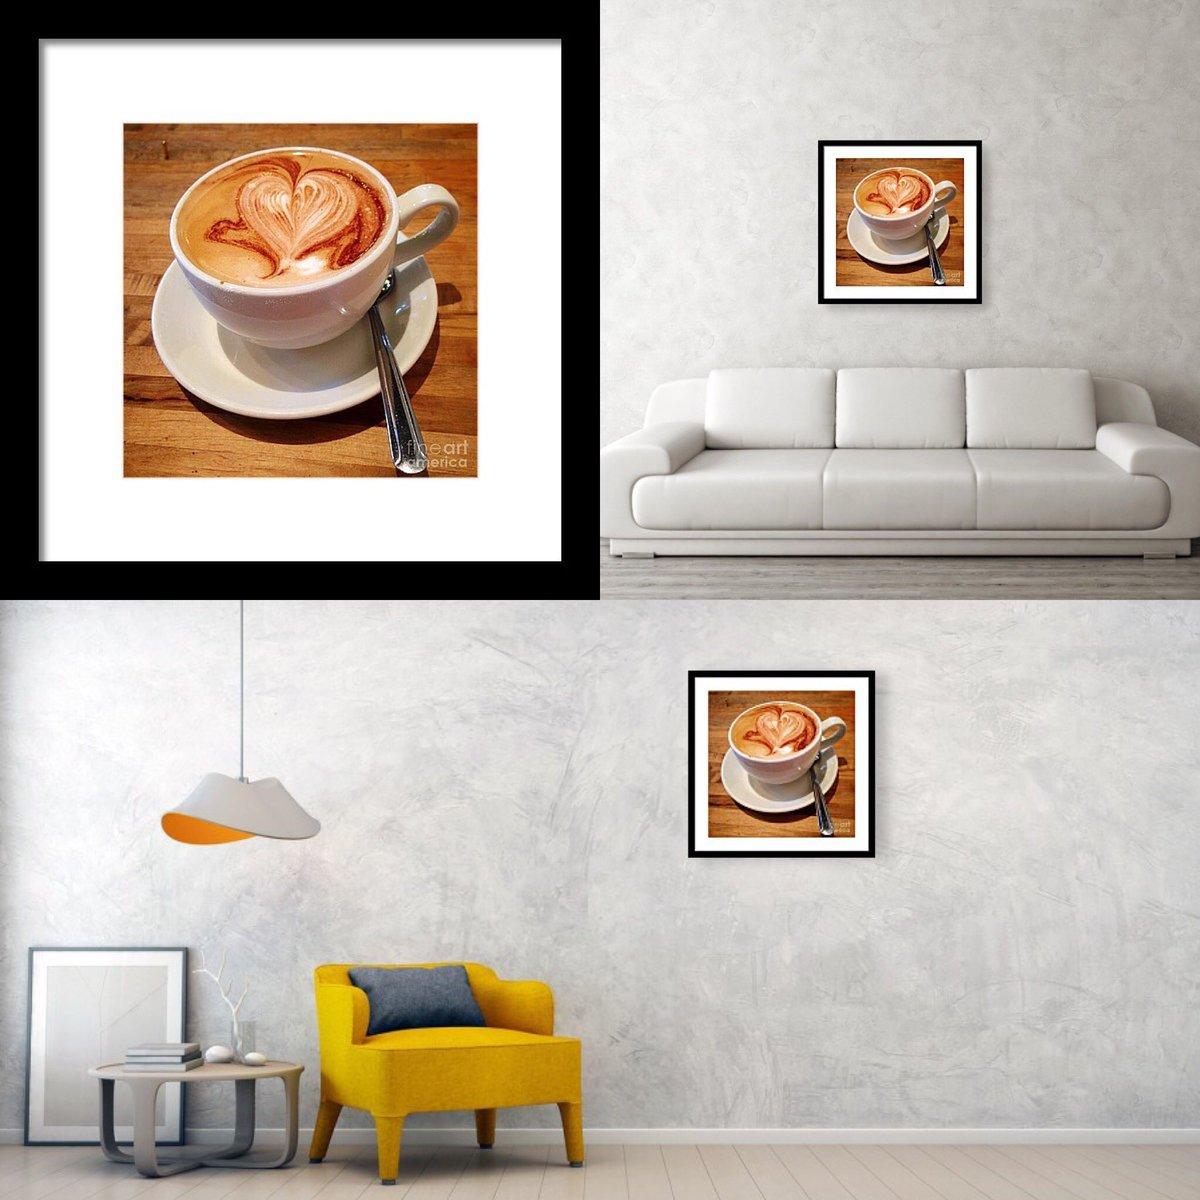 #Latte Love  FramedPrint photograph by Susan Garren Art Collections https://susan-garden.pixels.com/featured/latte-love-susan-garren.html… #Coffee #FoodART #Love #CoffeeLover #Shop #ValentinesDay pic.twitter.com/M9Fg3DUH1j